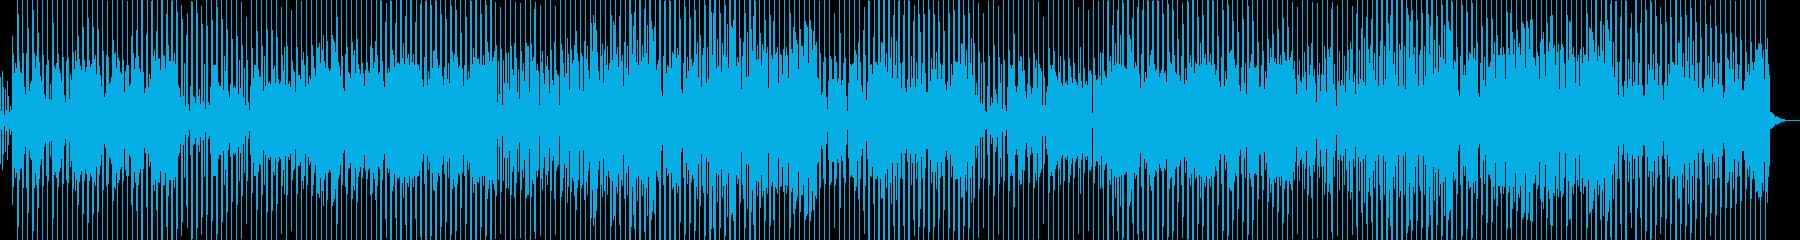 ポップ テクノ ファンク ラウンジ...の再生済みの波形